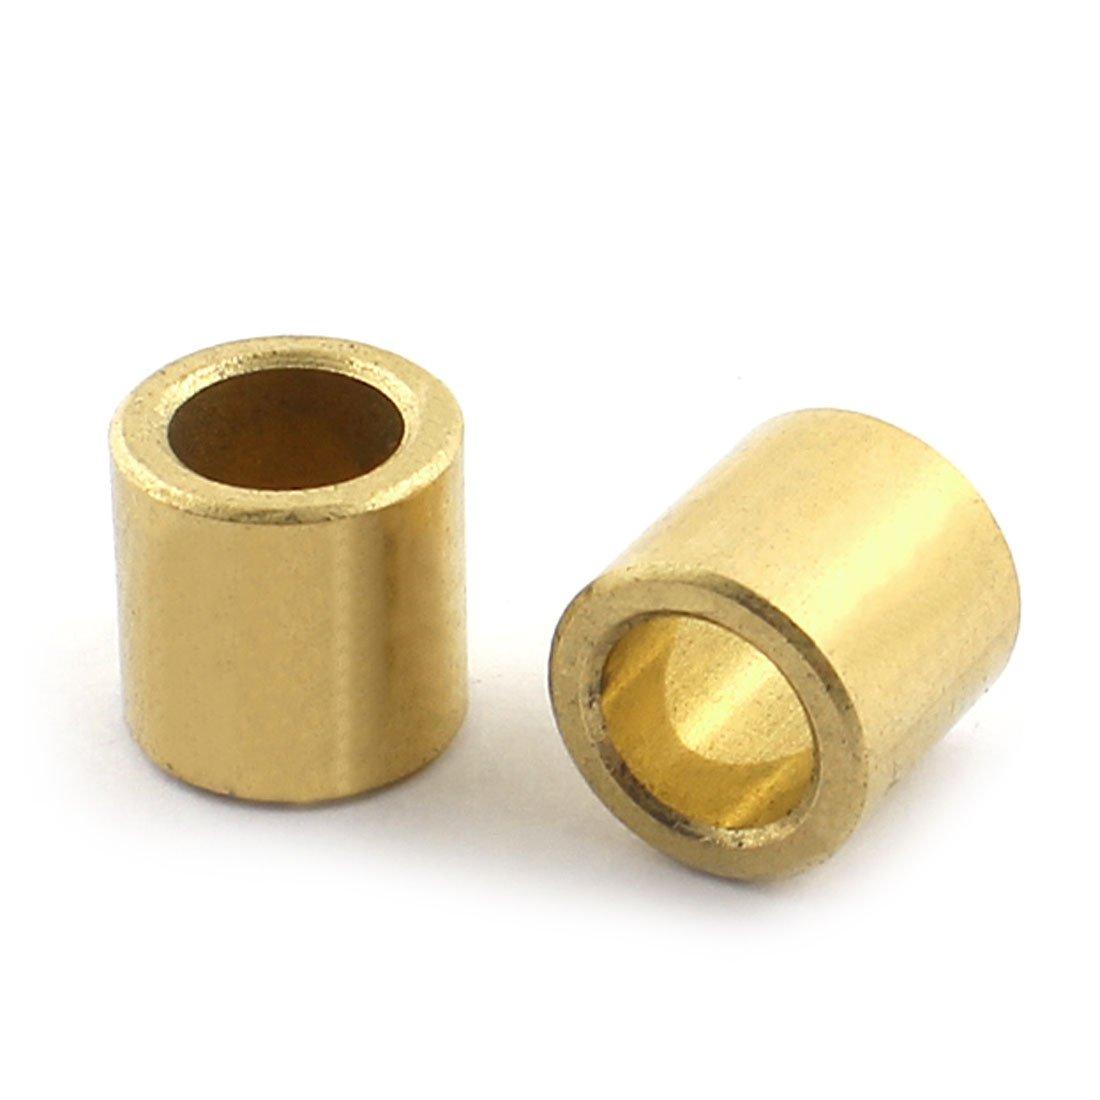 sourcingmap 2 PI/ÈCES Huile Impr/égn/és fritt/é Bronze Bagues Bague De Roulement 8x12x12mm